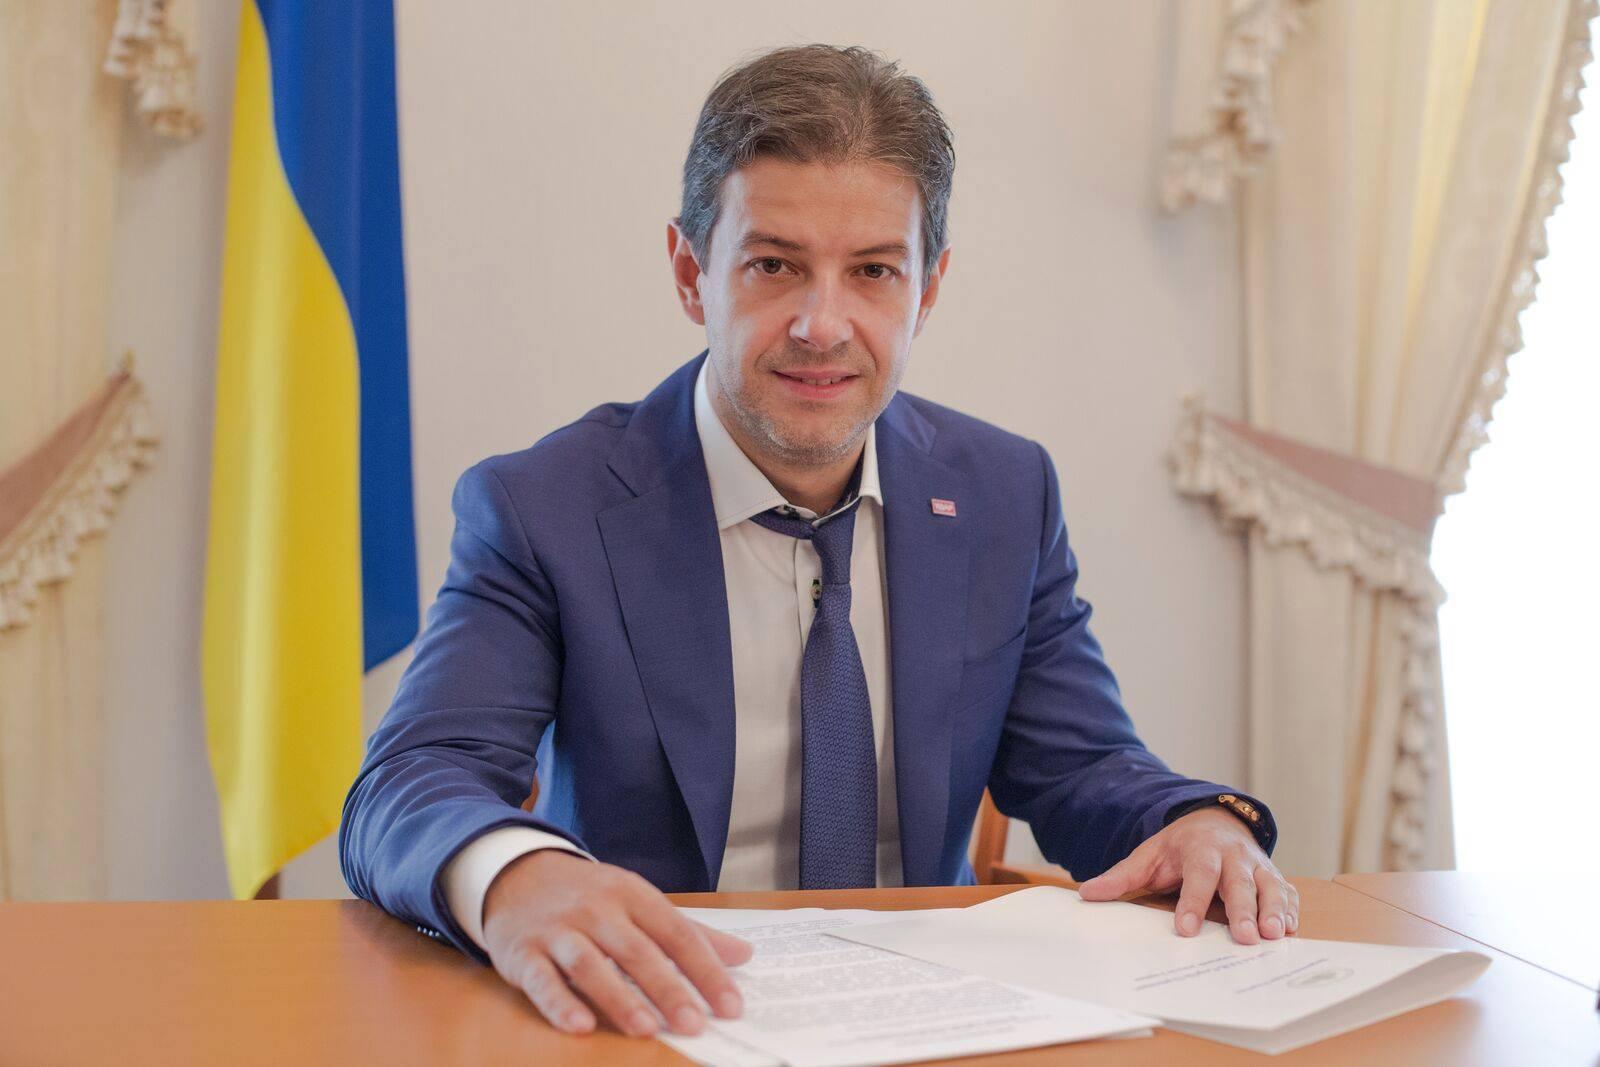 Алєксєєв Сергій (фото: фейсбук)